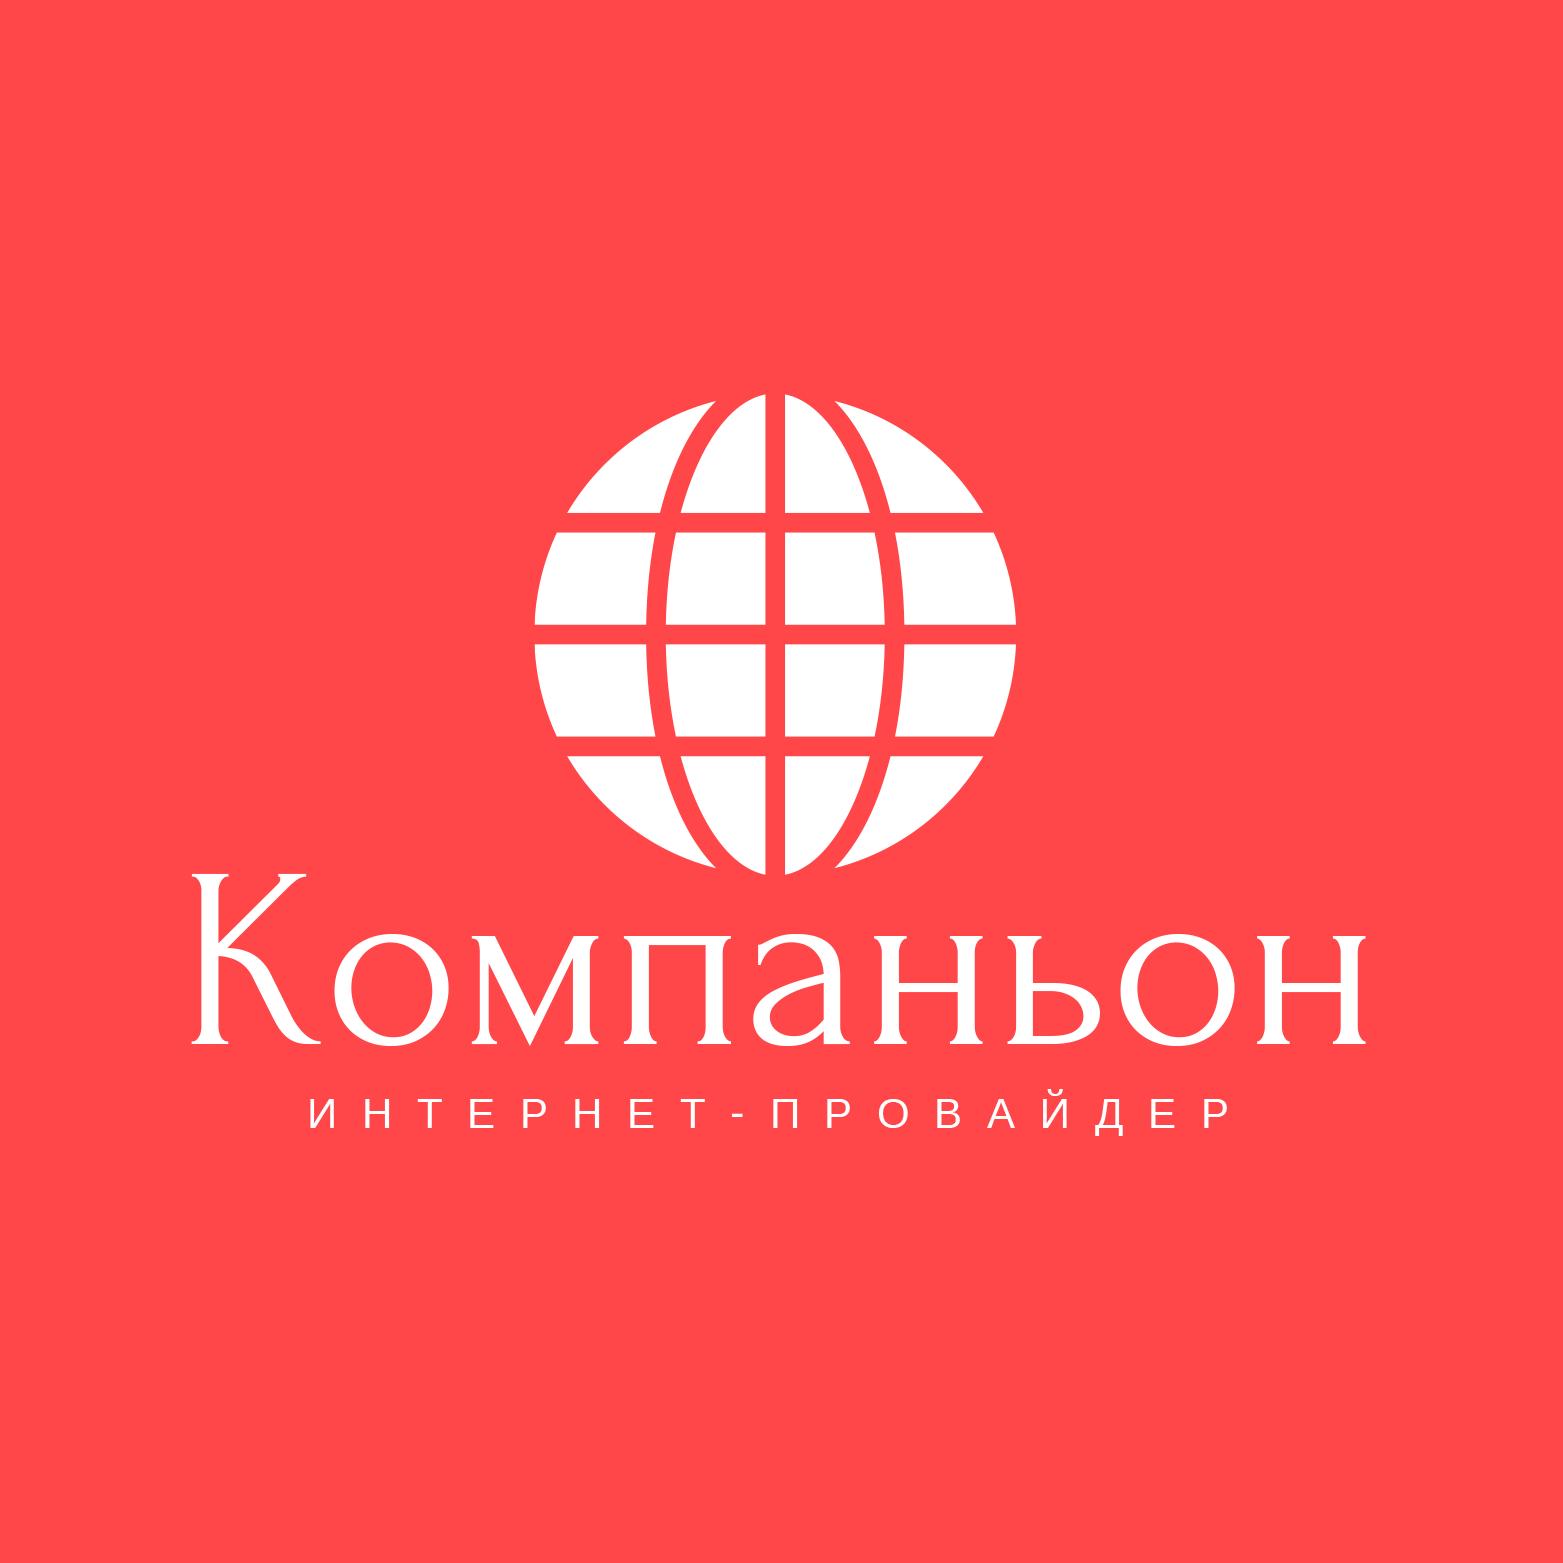 Логотип компании фото f_8605b6ecfd66c60d.png